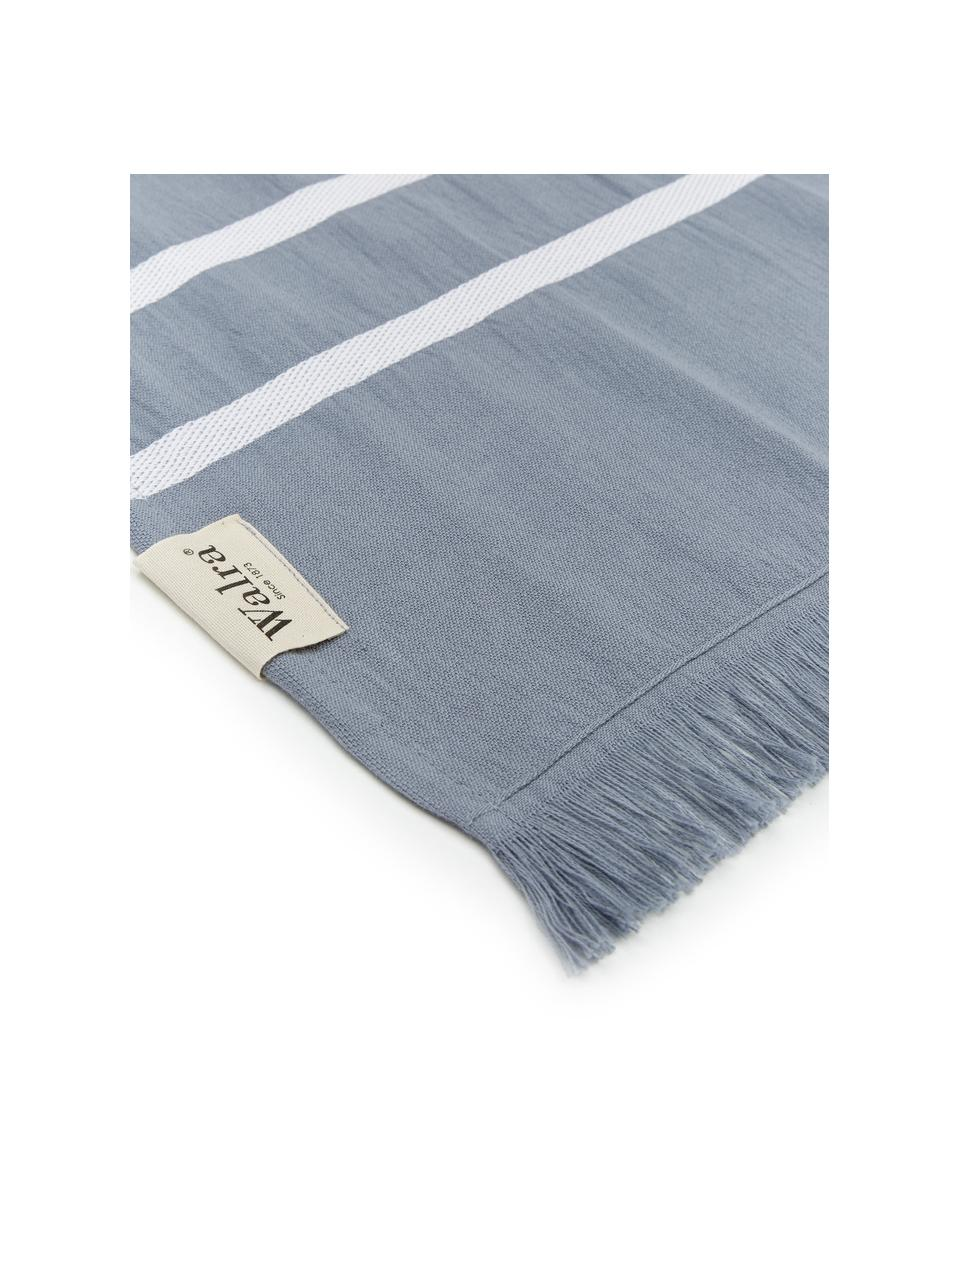 Gestreiftes Hamamtuch Filena, 100% Baumwolle, Blau, Weiß, 100 x 180 cm